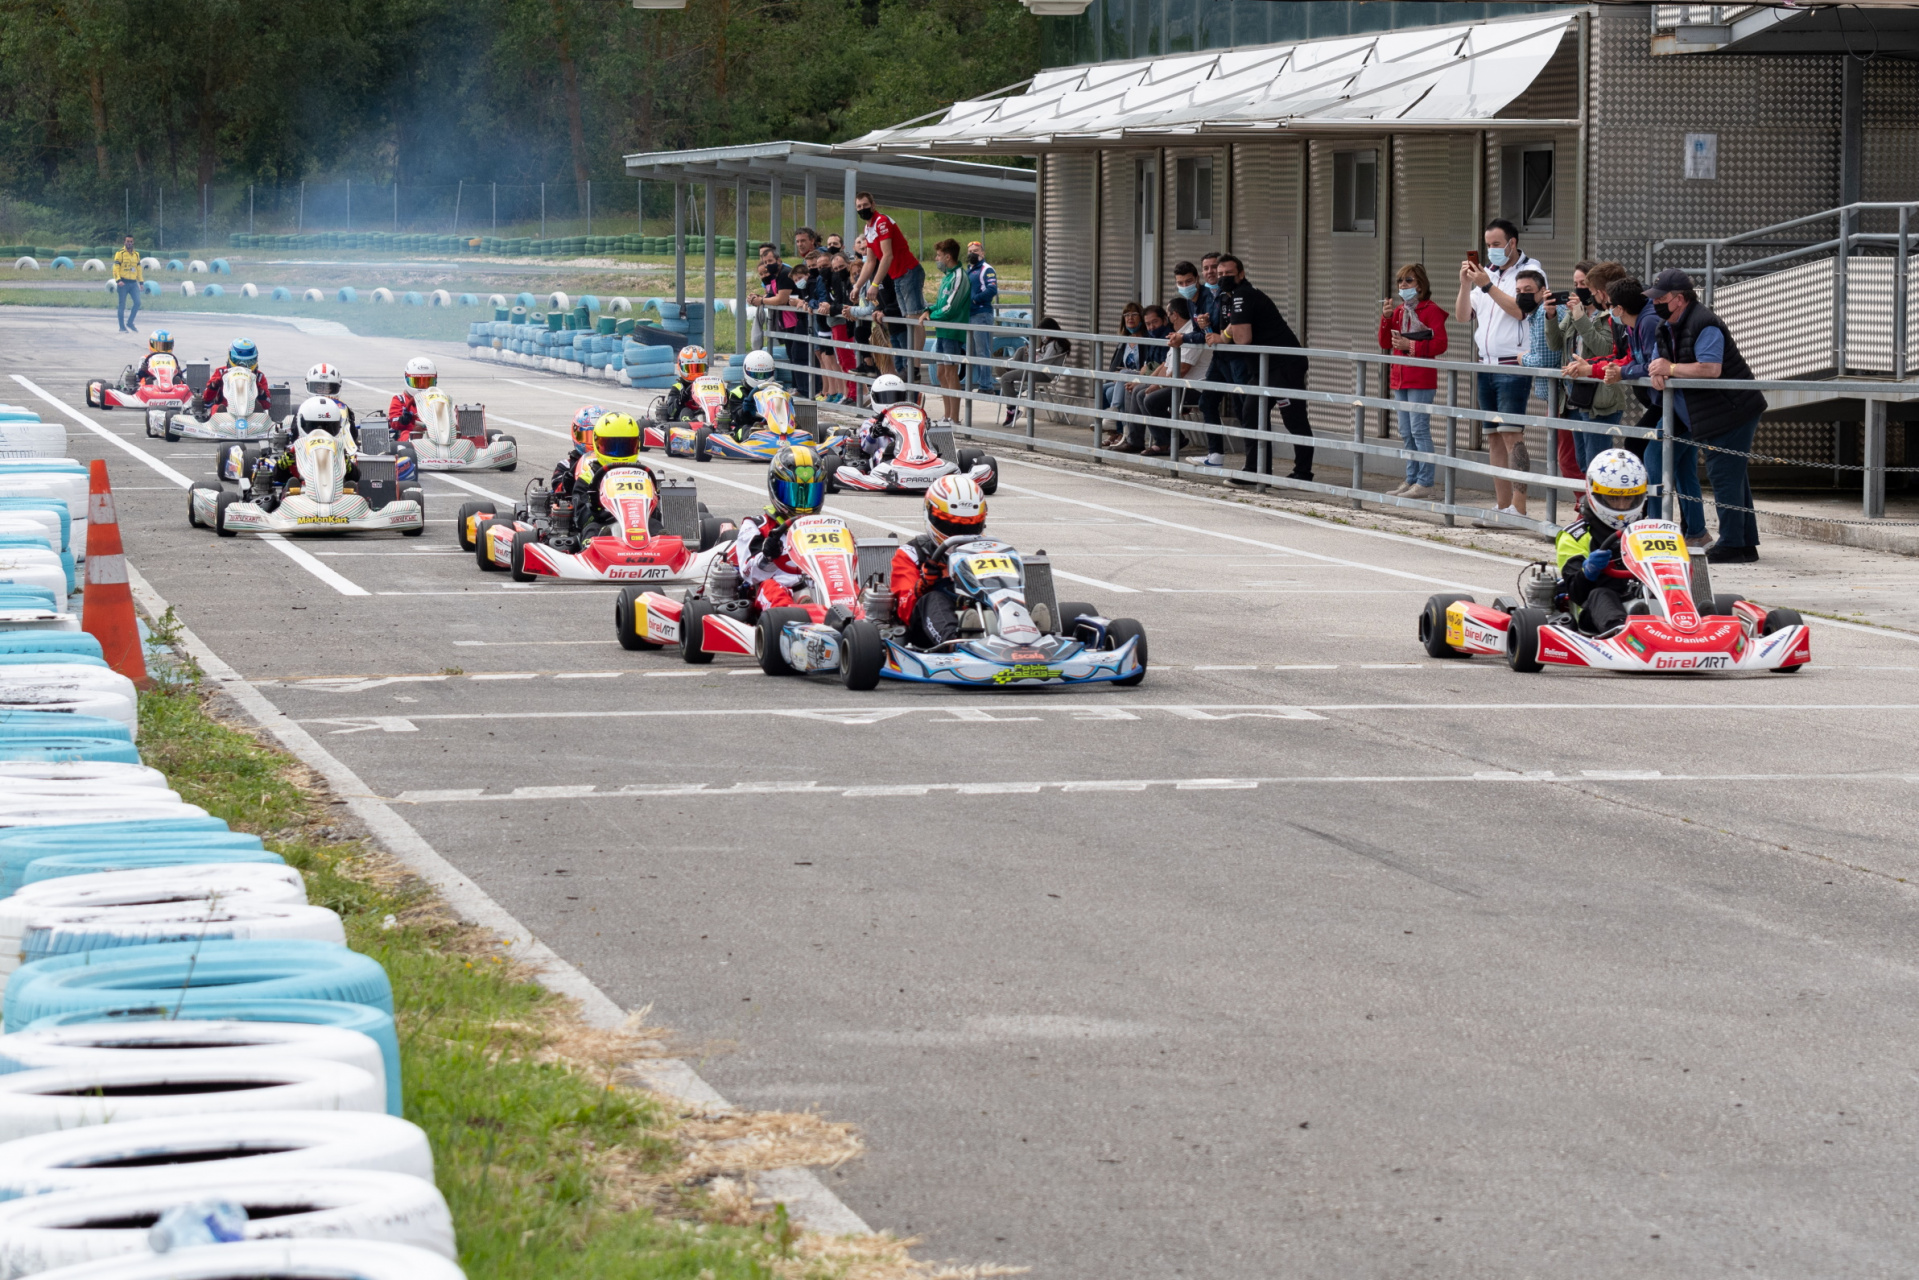 El Campeonato de Castilla y León de Karting llega a su ecuador